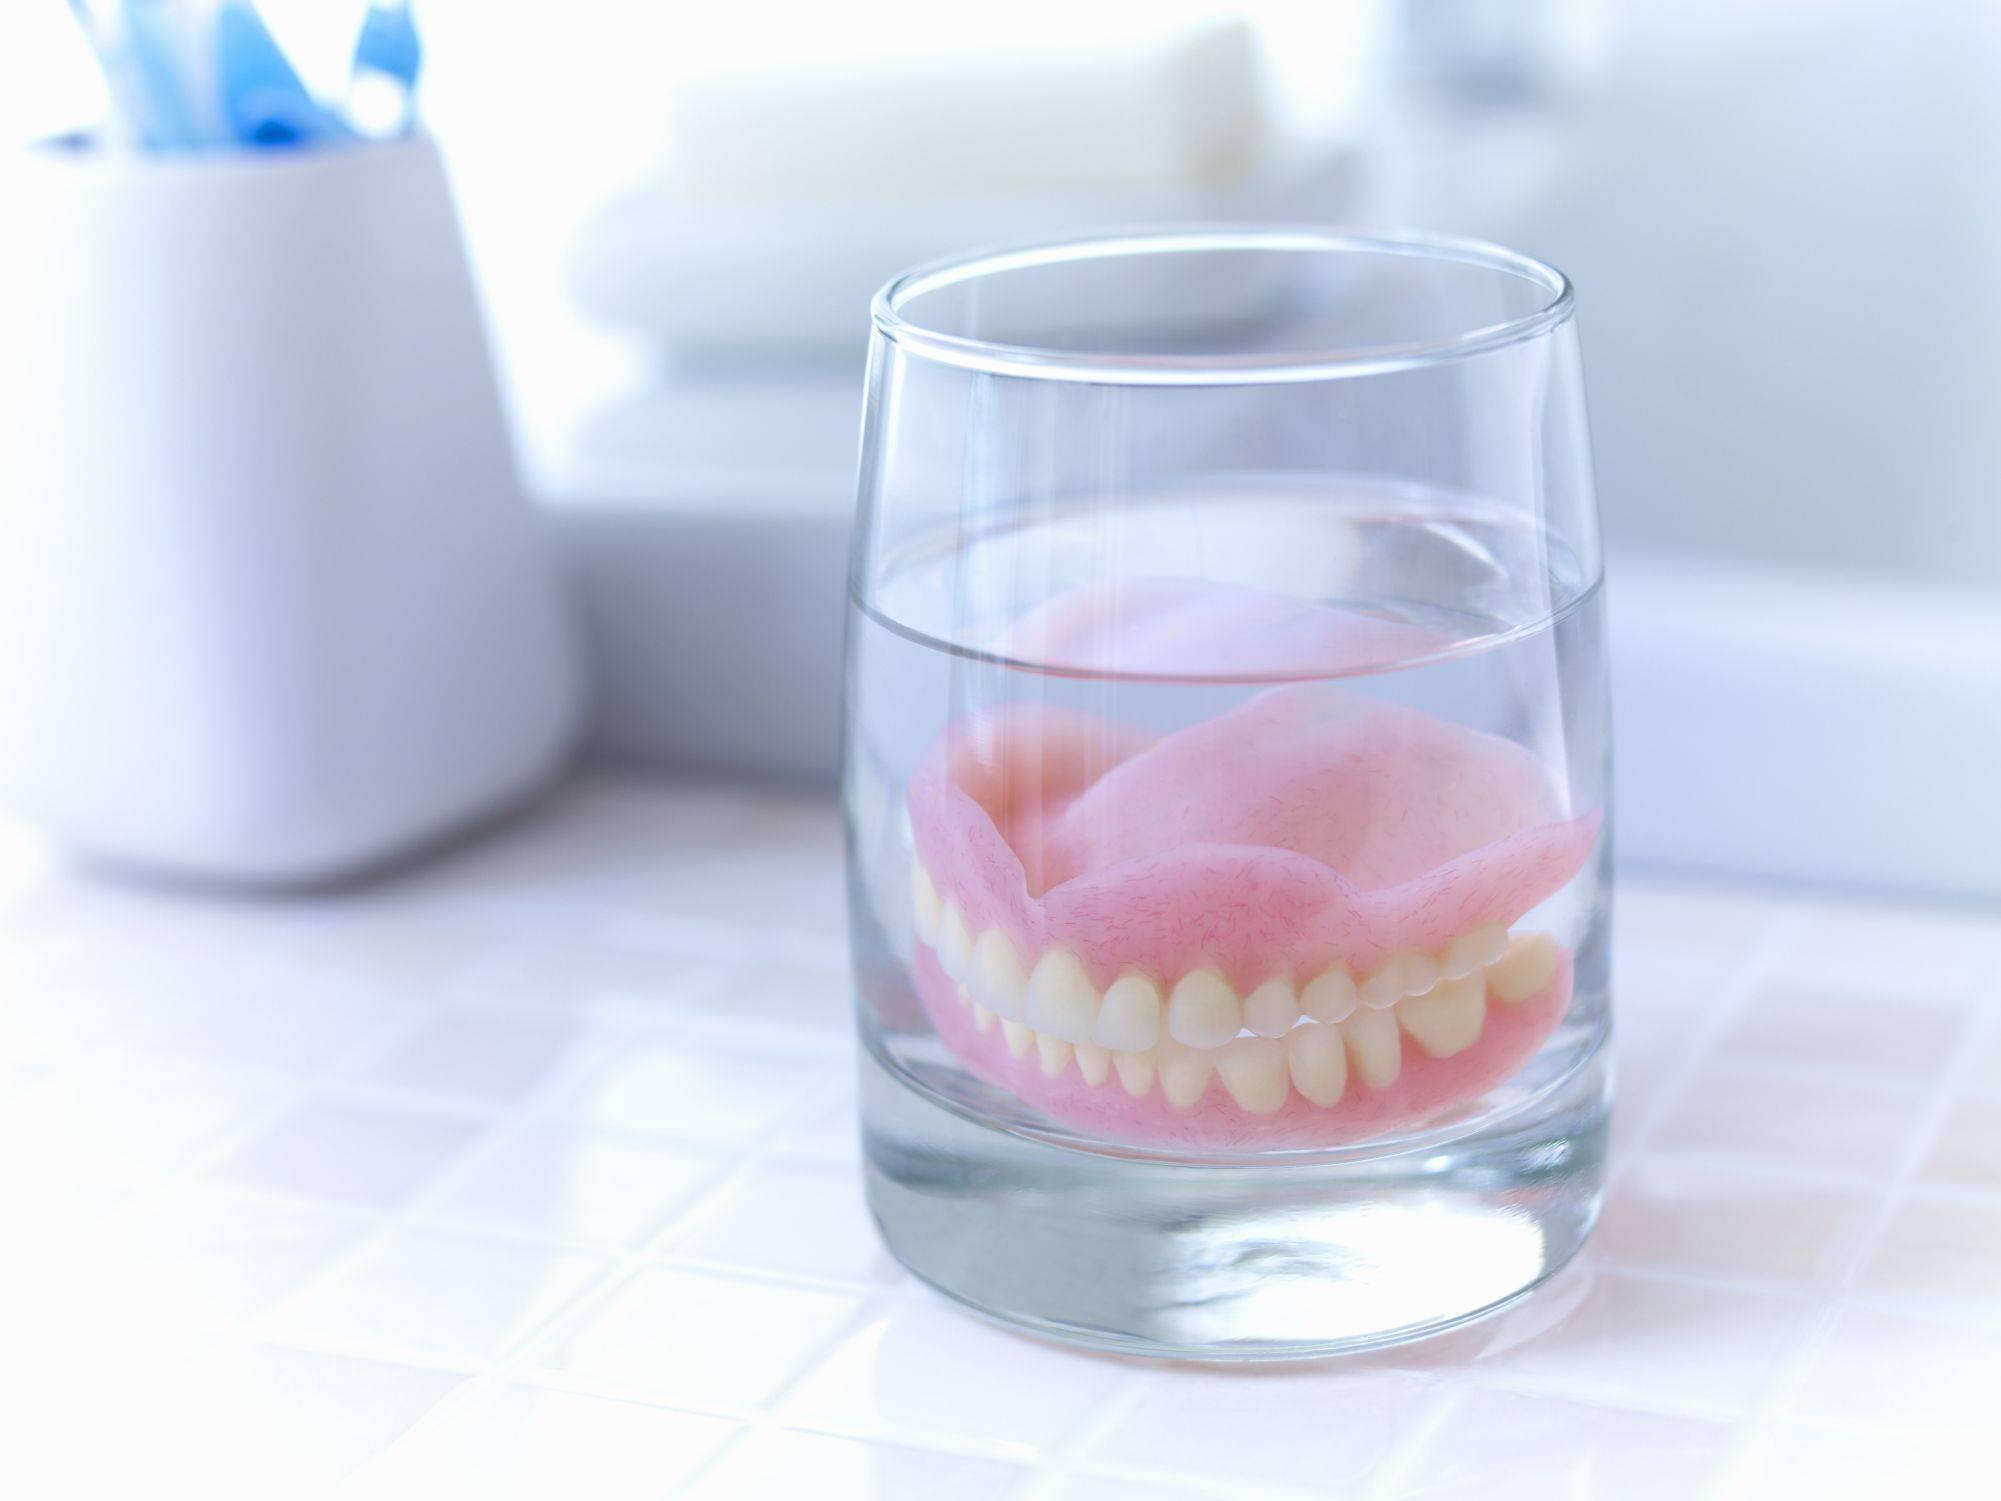 Секреты быстрого привыкания к съёмным зубным протезам